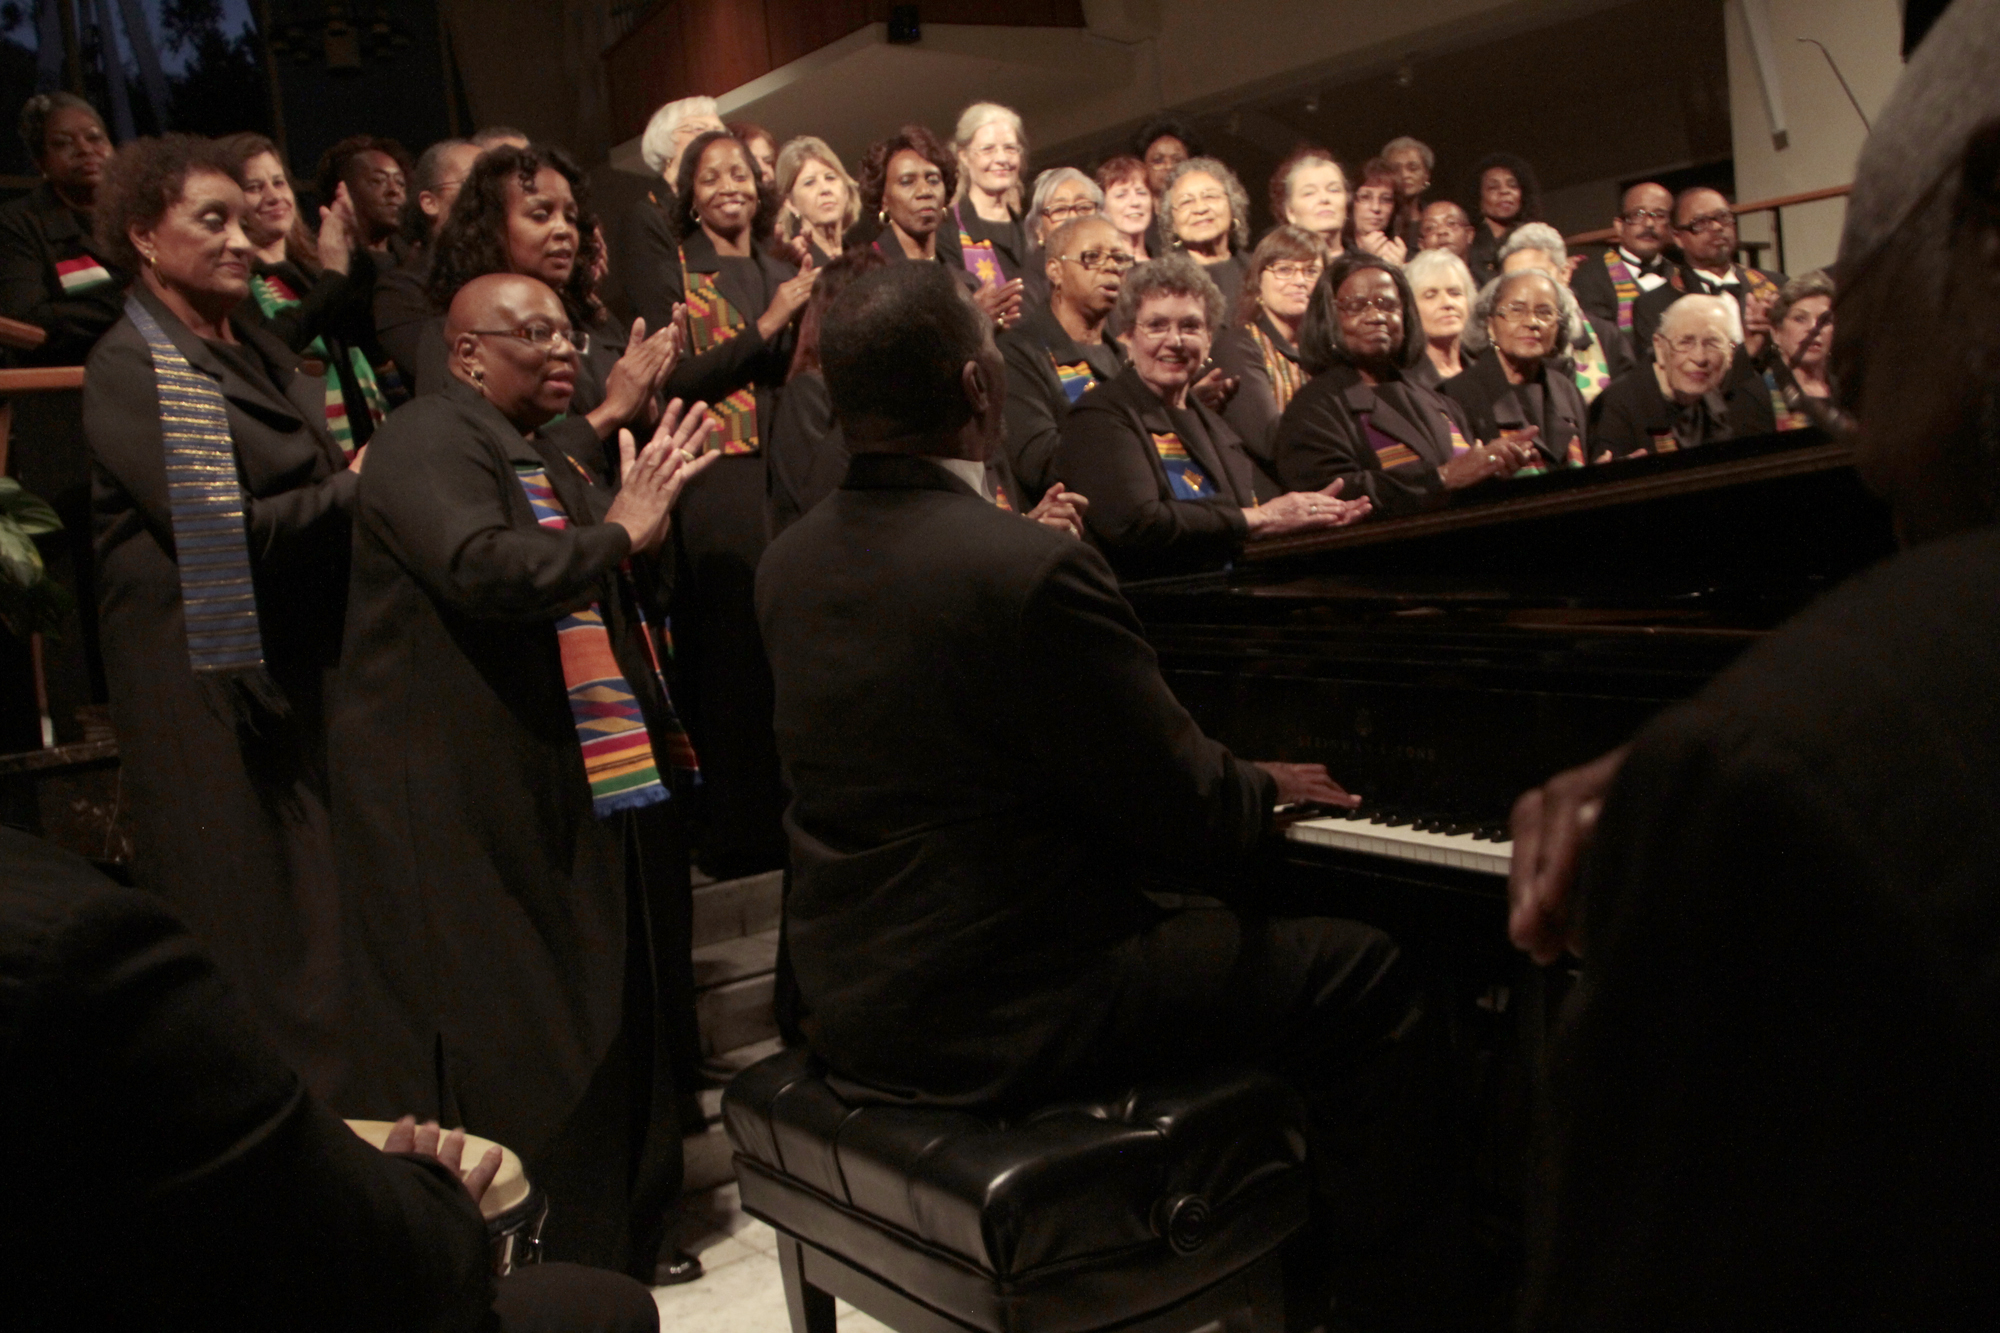 MLK Jr. Community Choir